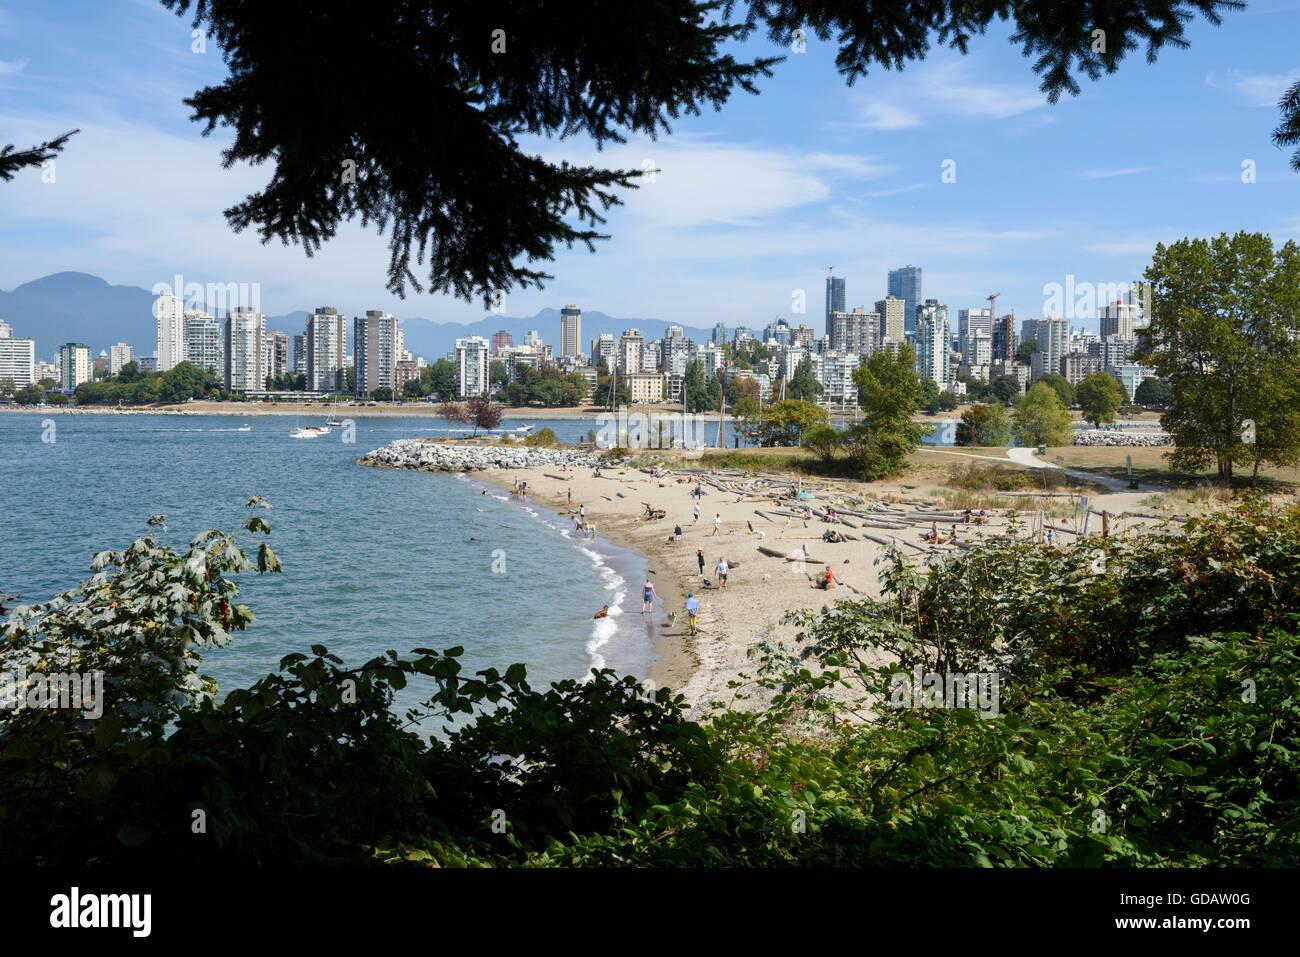 Vancouver Photo Stock